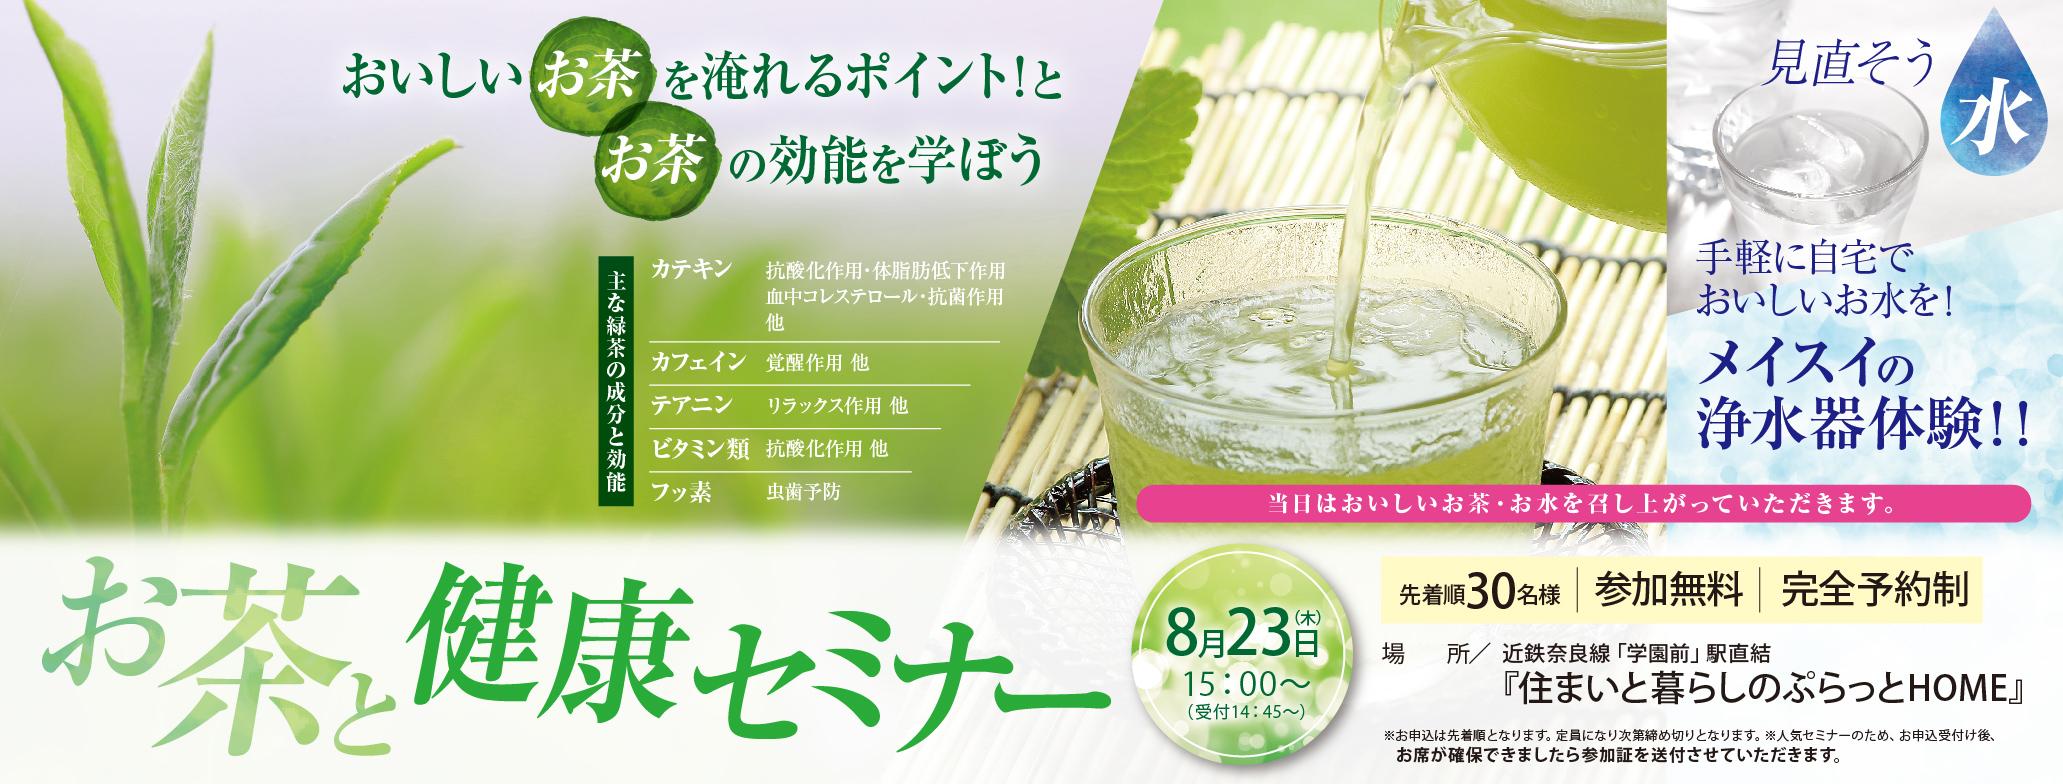 お茶と健康セミナー